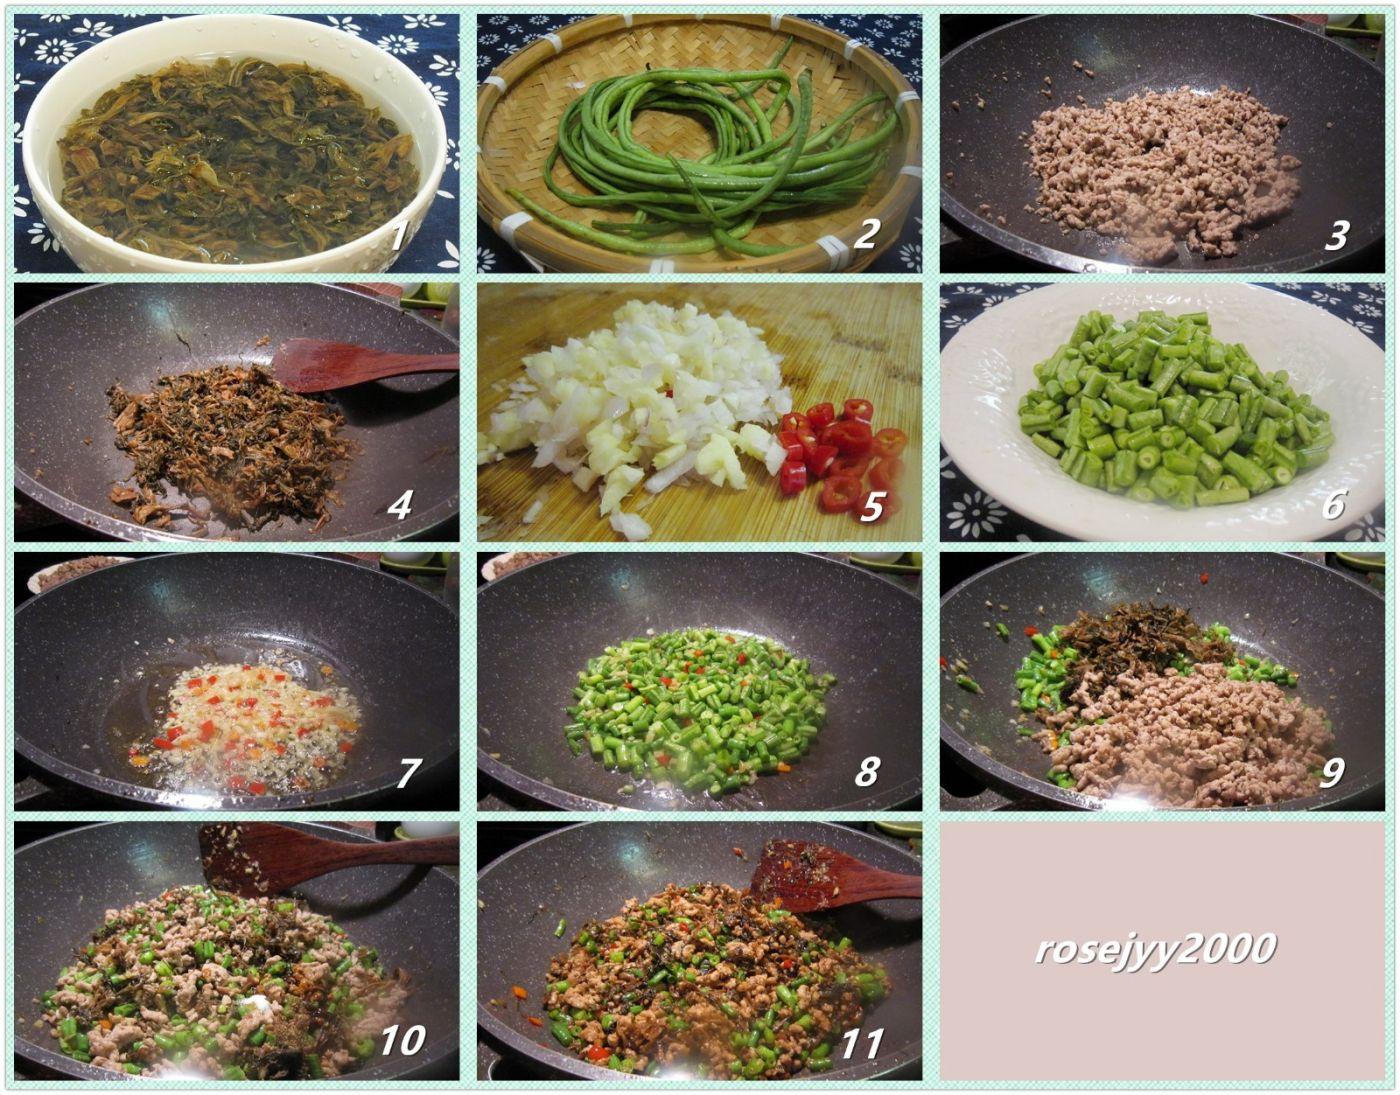 肉末梅菜豇豆_图1-2